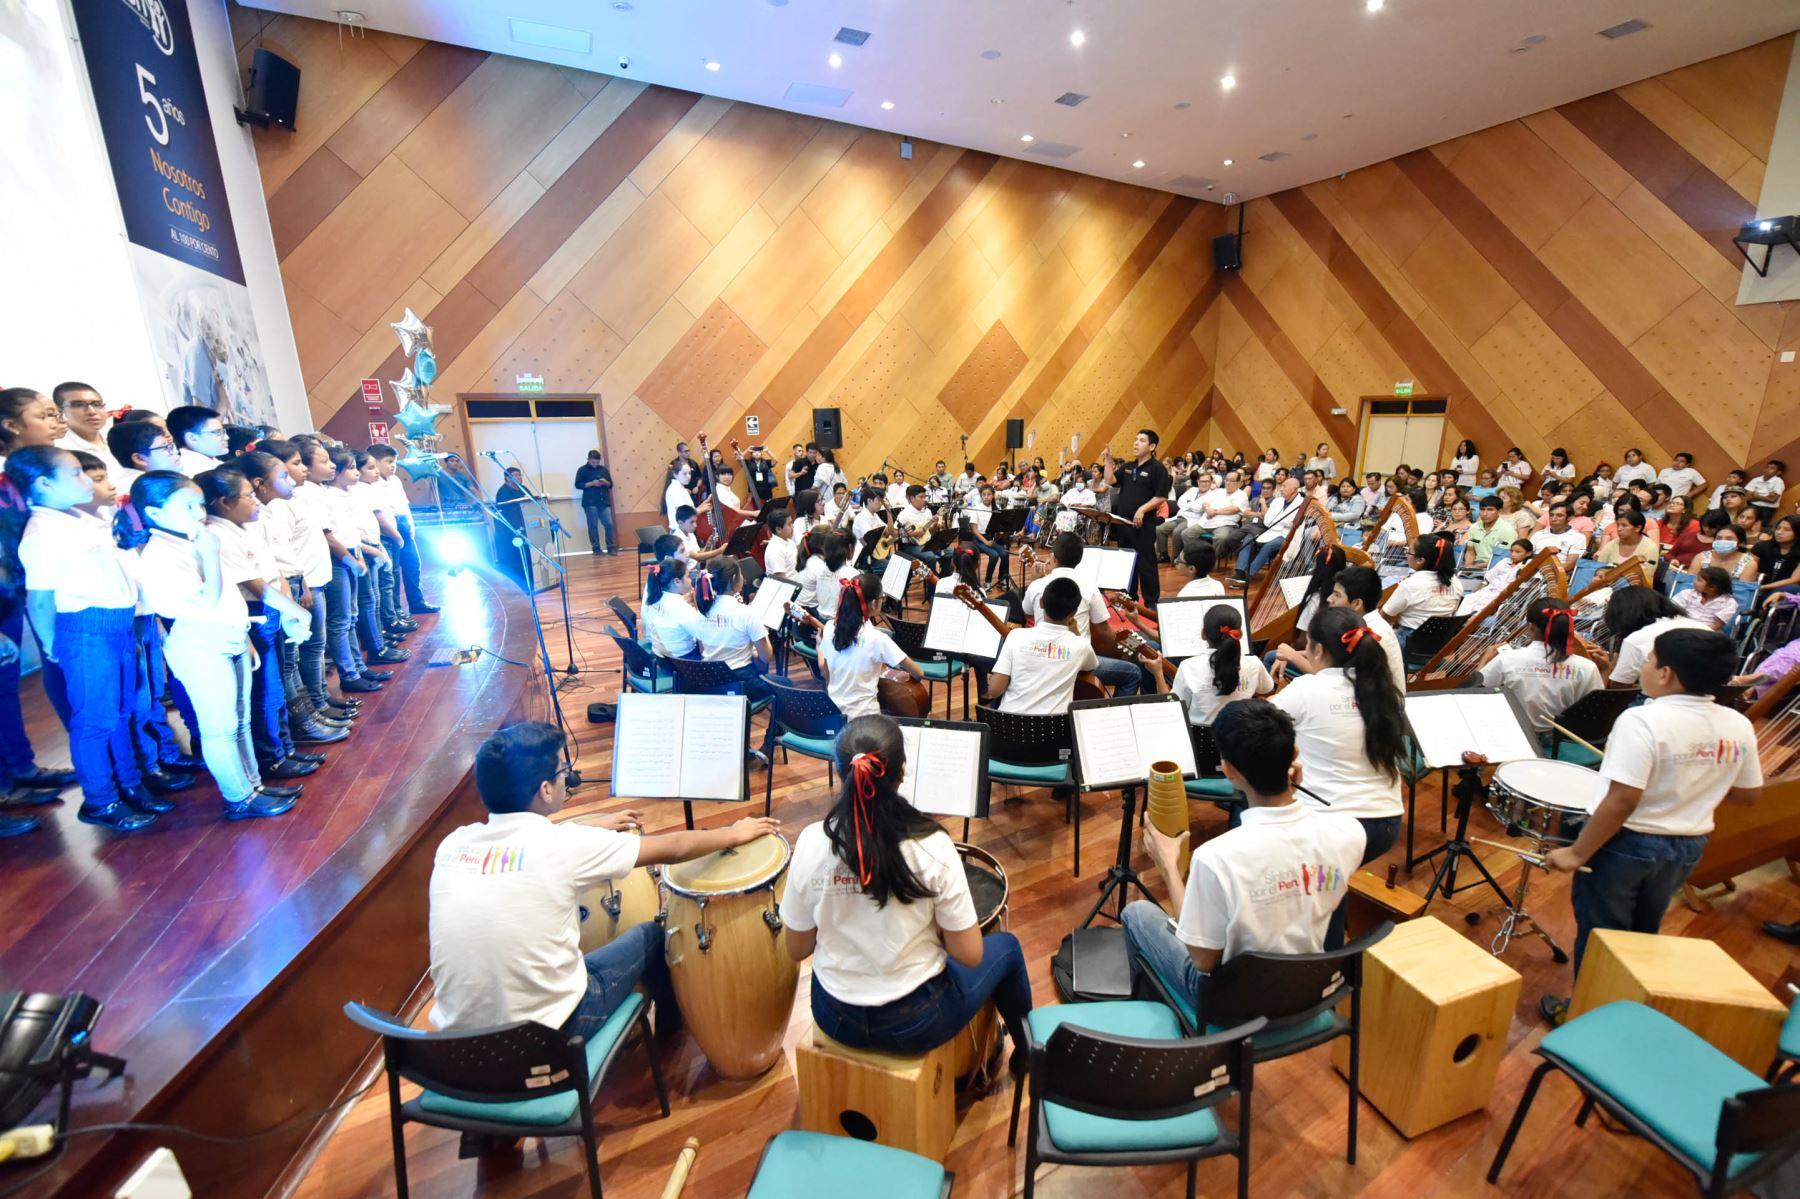 Terapia musical para el alma,  brindó Sinfonía por el Perú a niños del INSN-San Borja